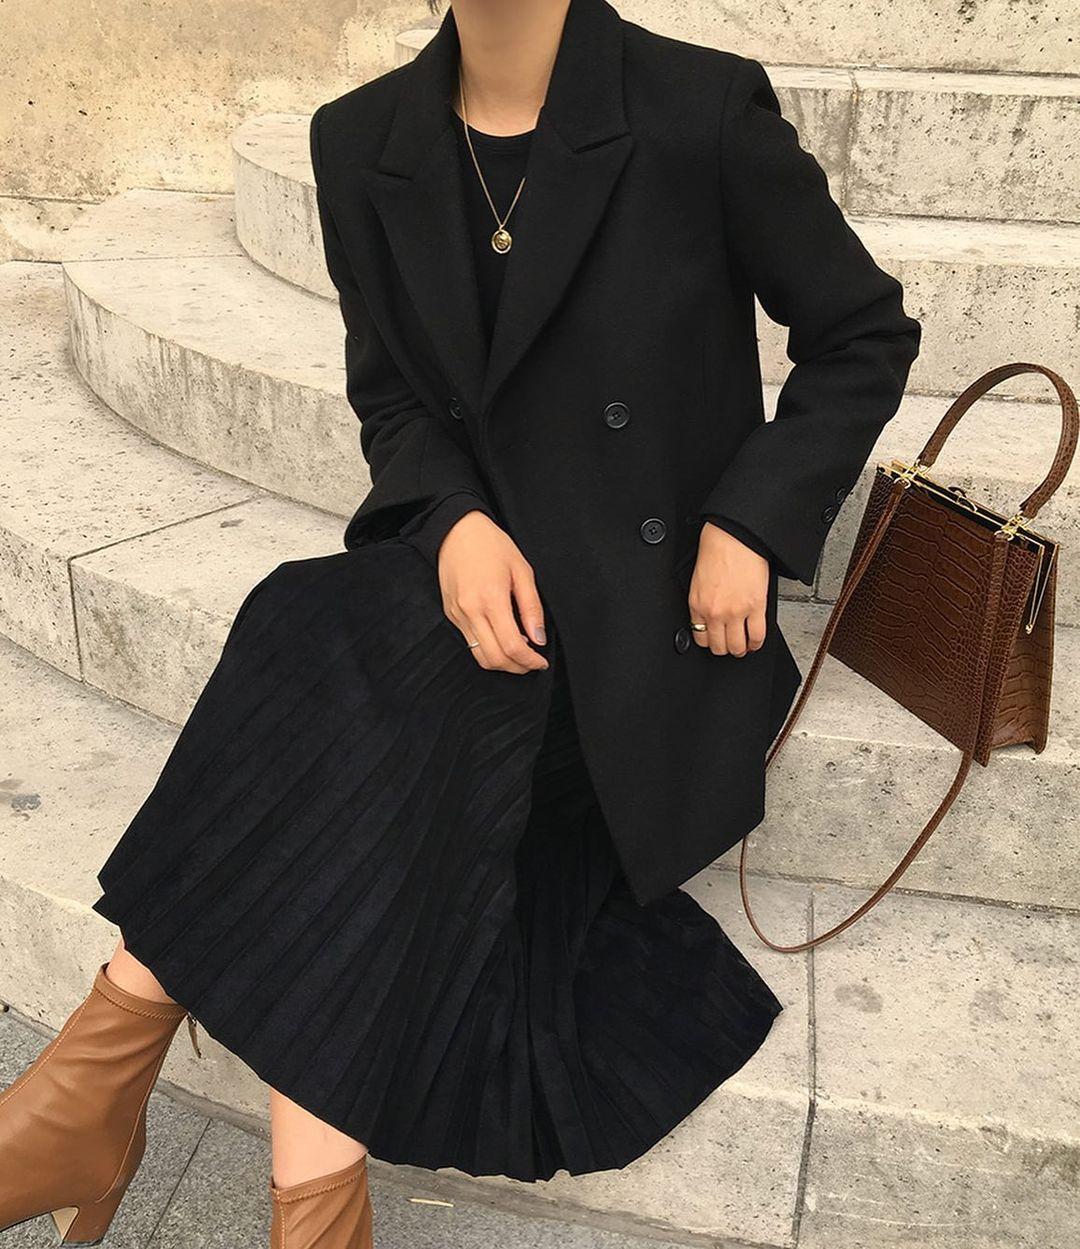 5 kiểu chân váy dài xinh và sang đến mức muốn diện không ngừng, chị em sắm về dịp Black Friday là quá chuẩn - Ảnh 15